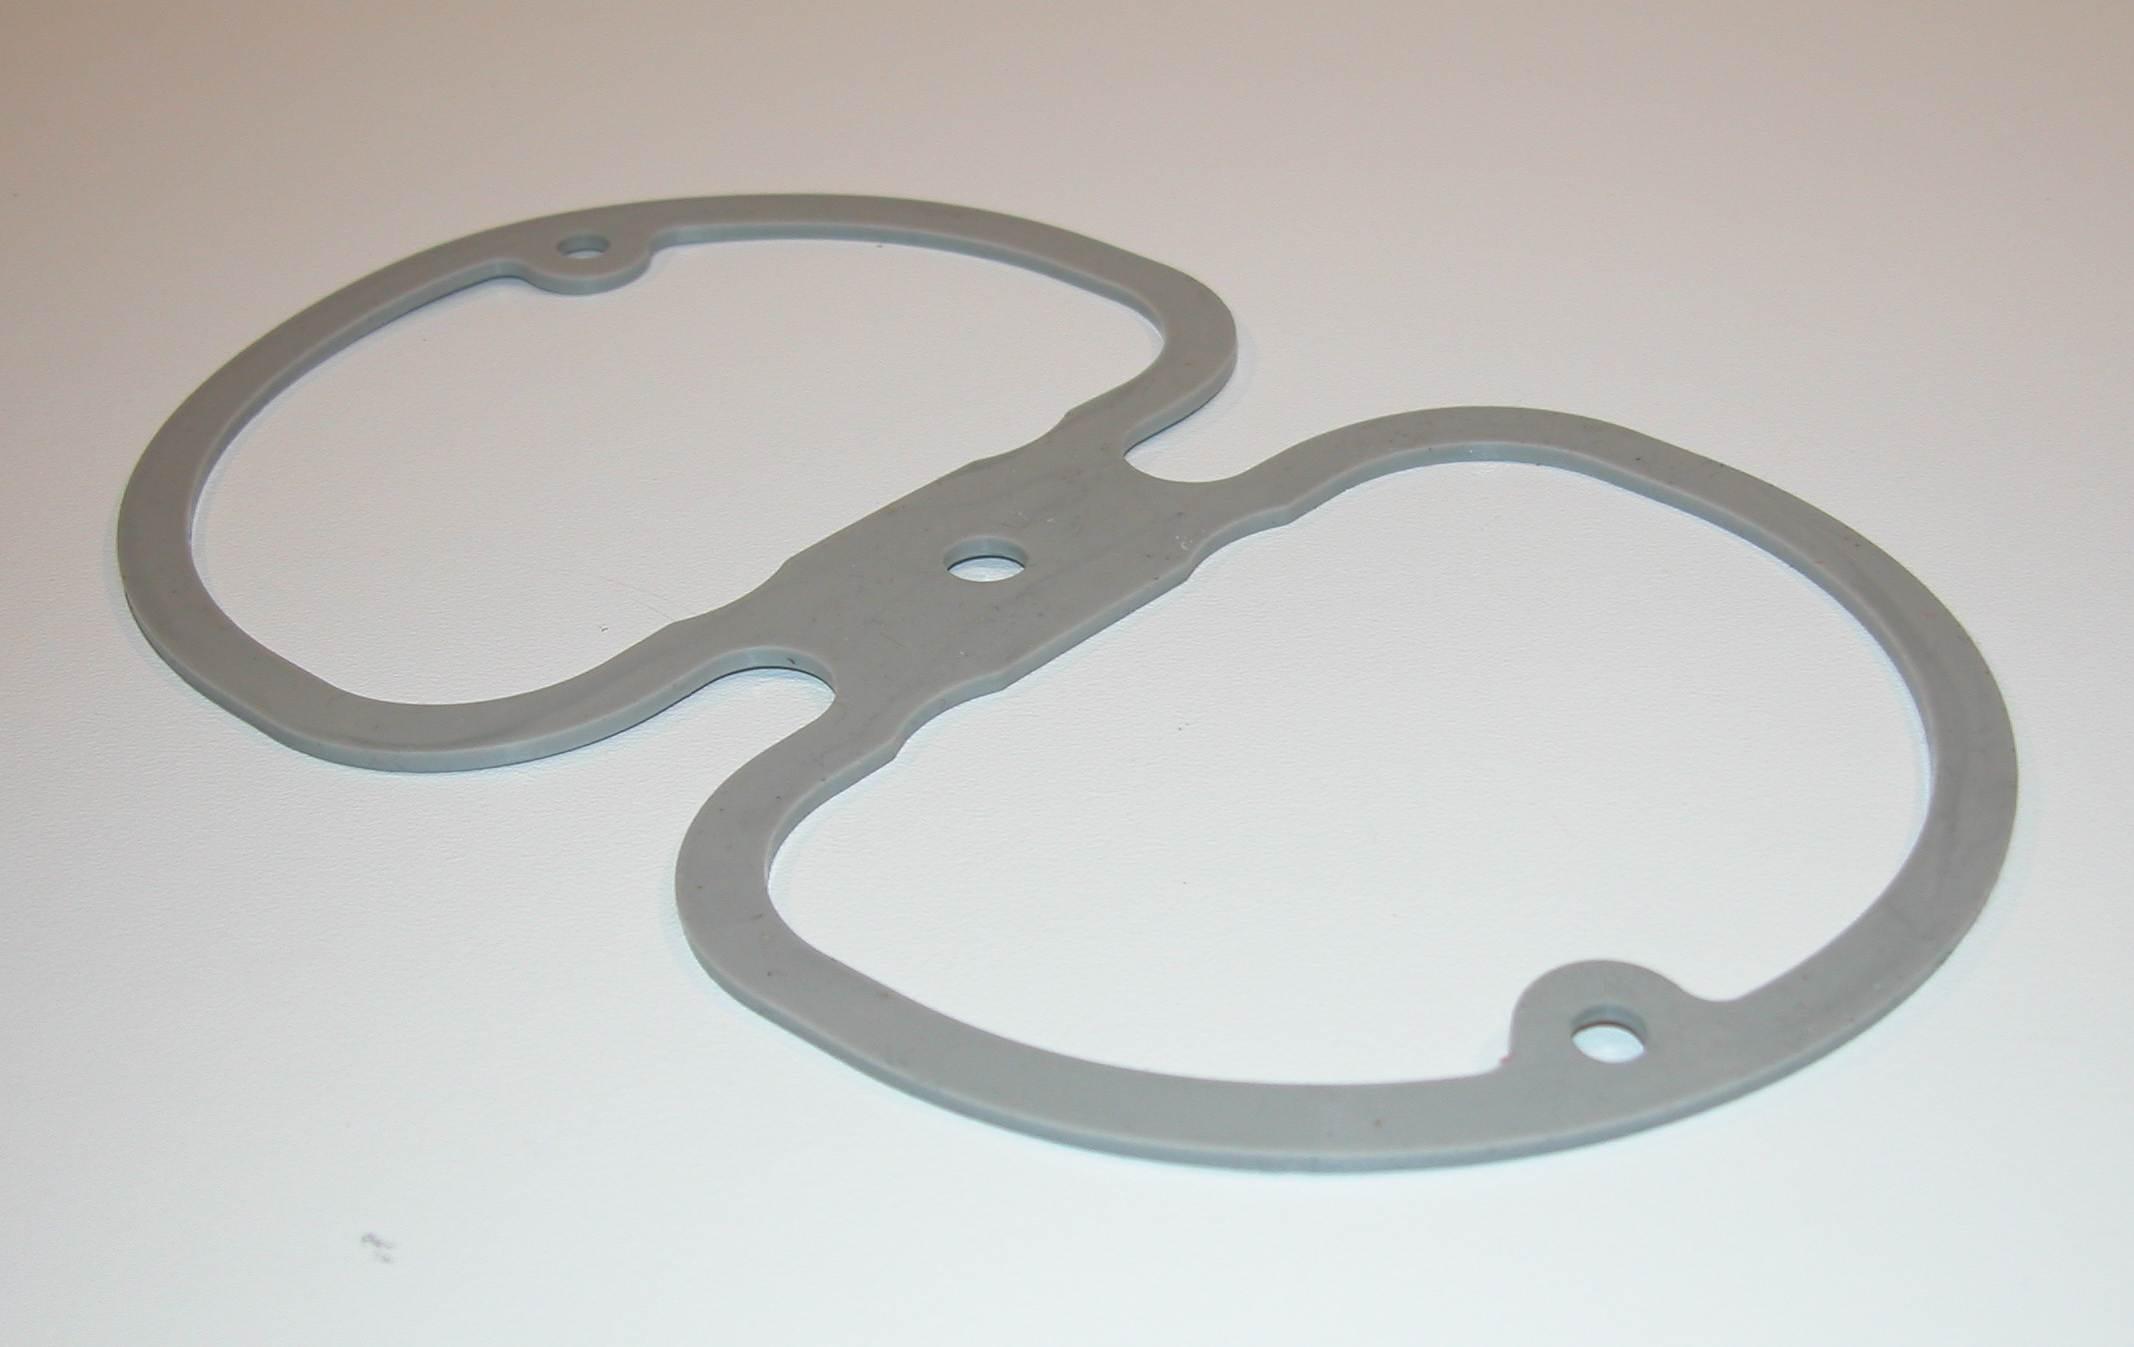 Ventildeckeldichtung aus Silikon (2 Stück)   BMW